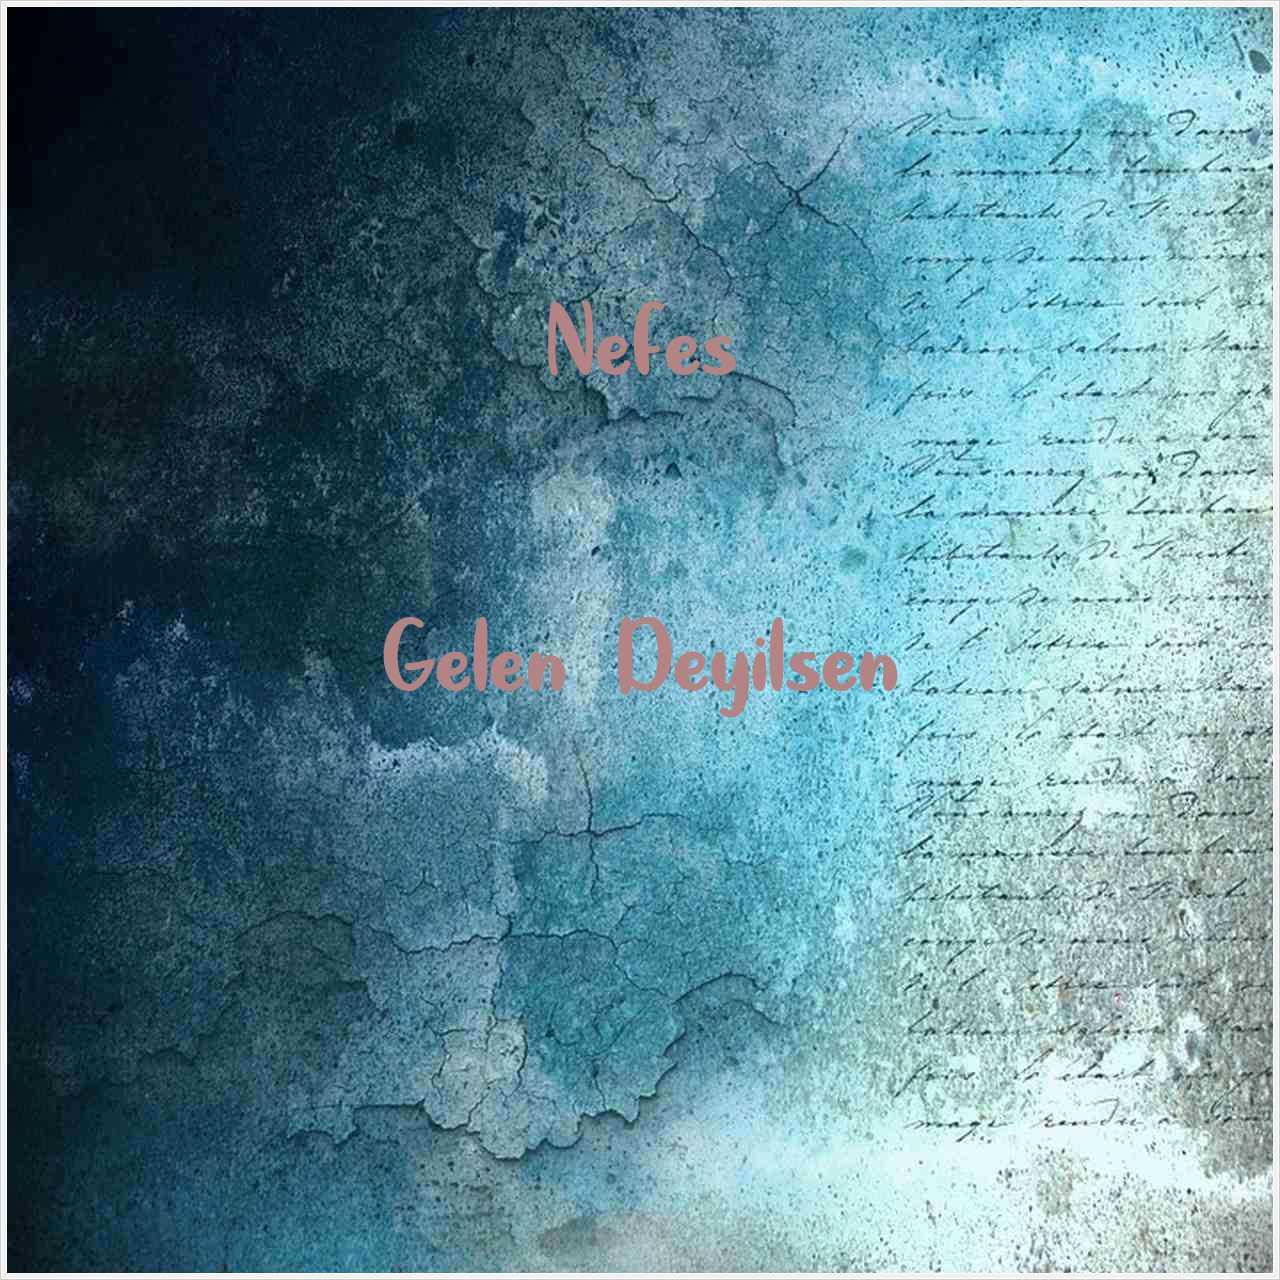 دانلود آهنگ جدید Nefes به نام Gelen Deyilsen